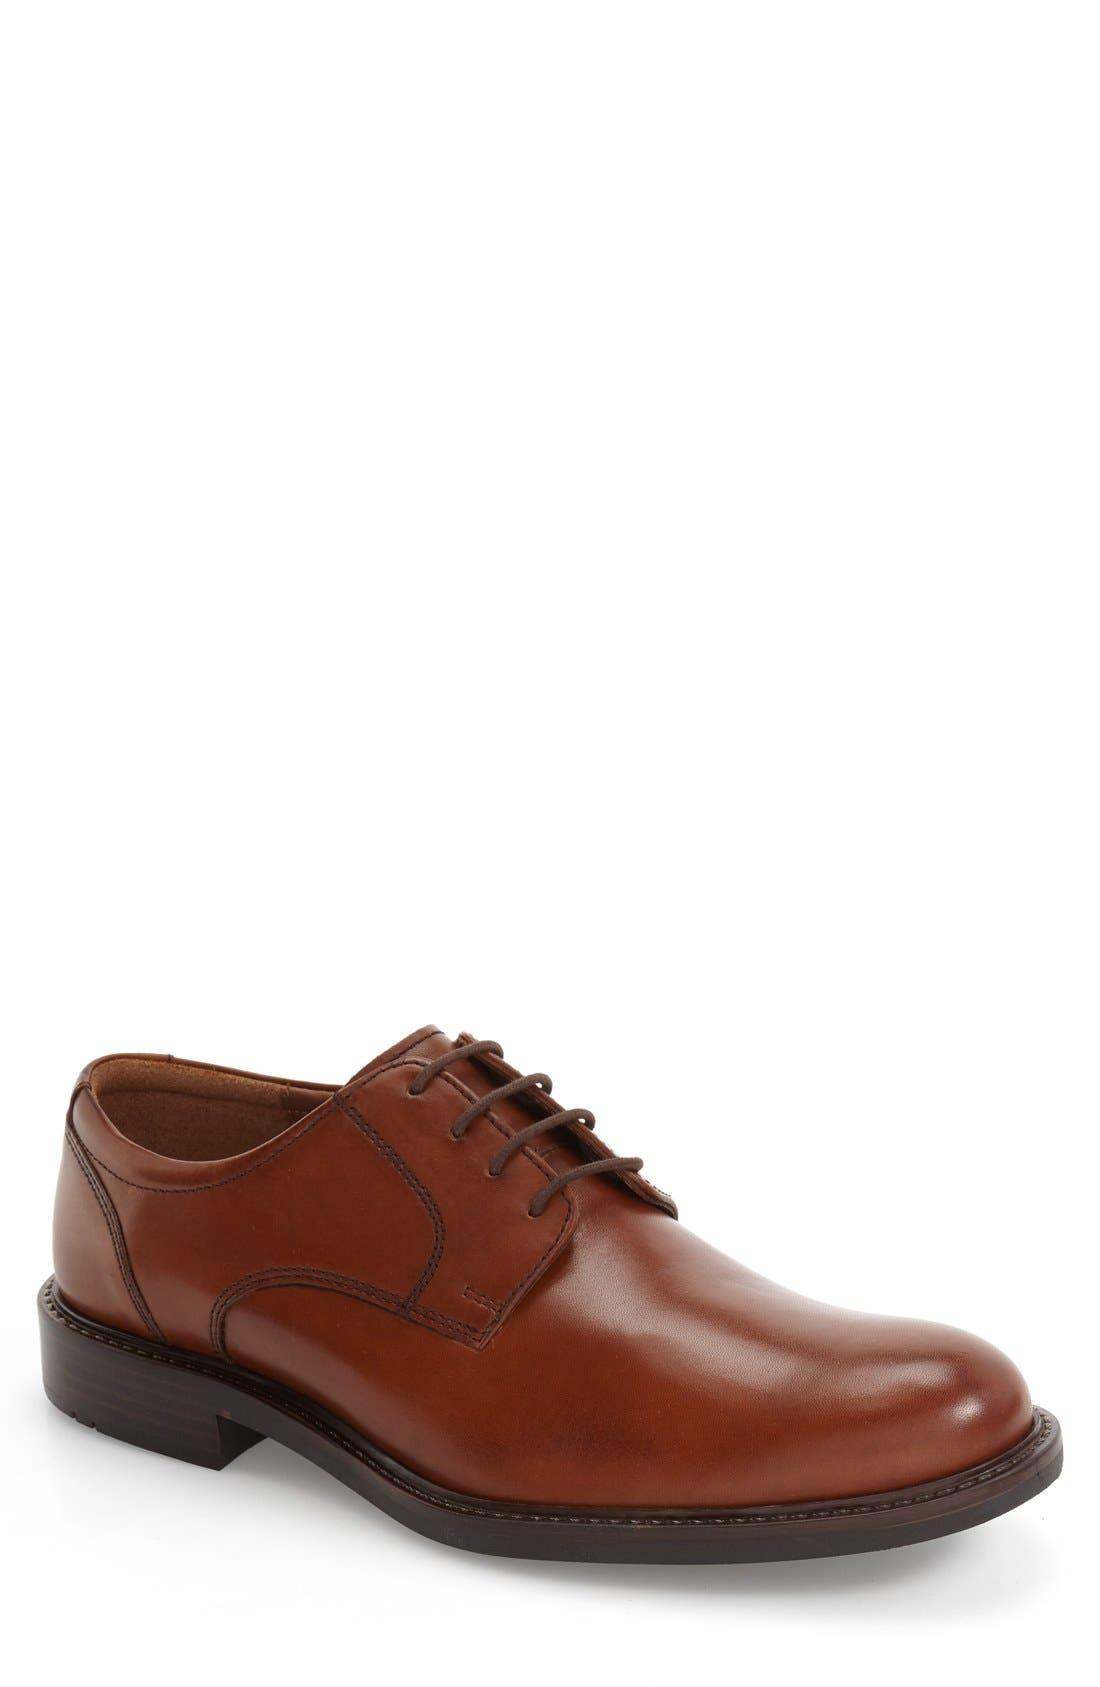 Alternate Image 1 Selected - Johnston & Murphy Tabor Plain Toe Derby (Men)